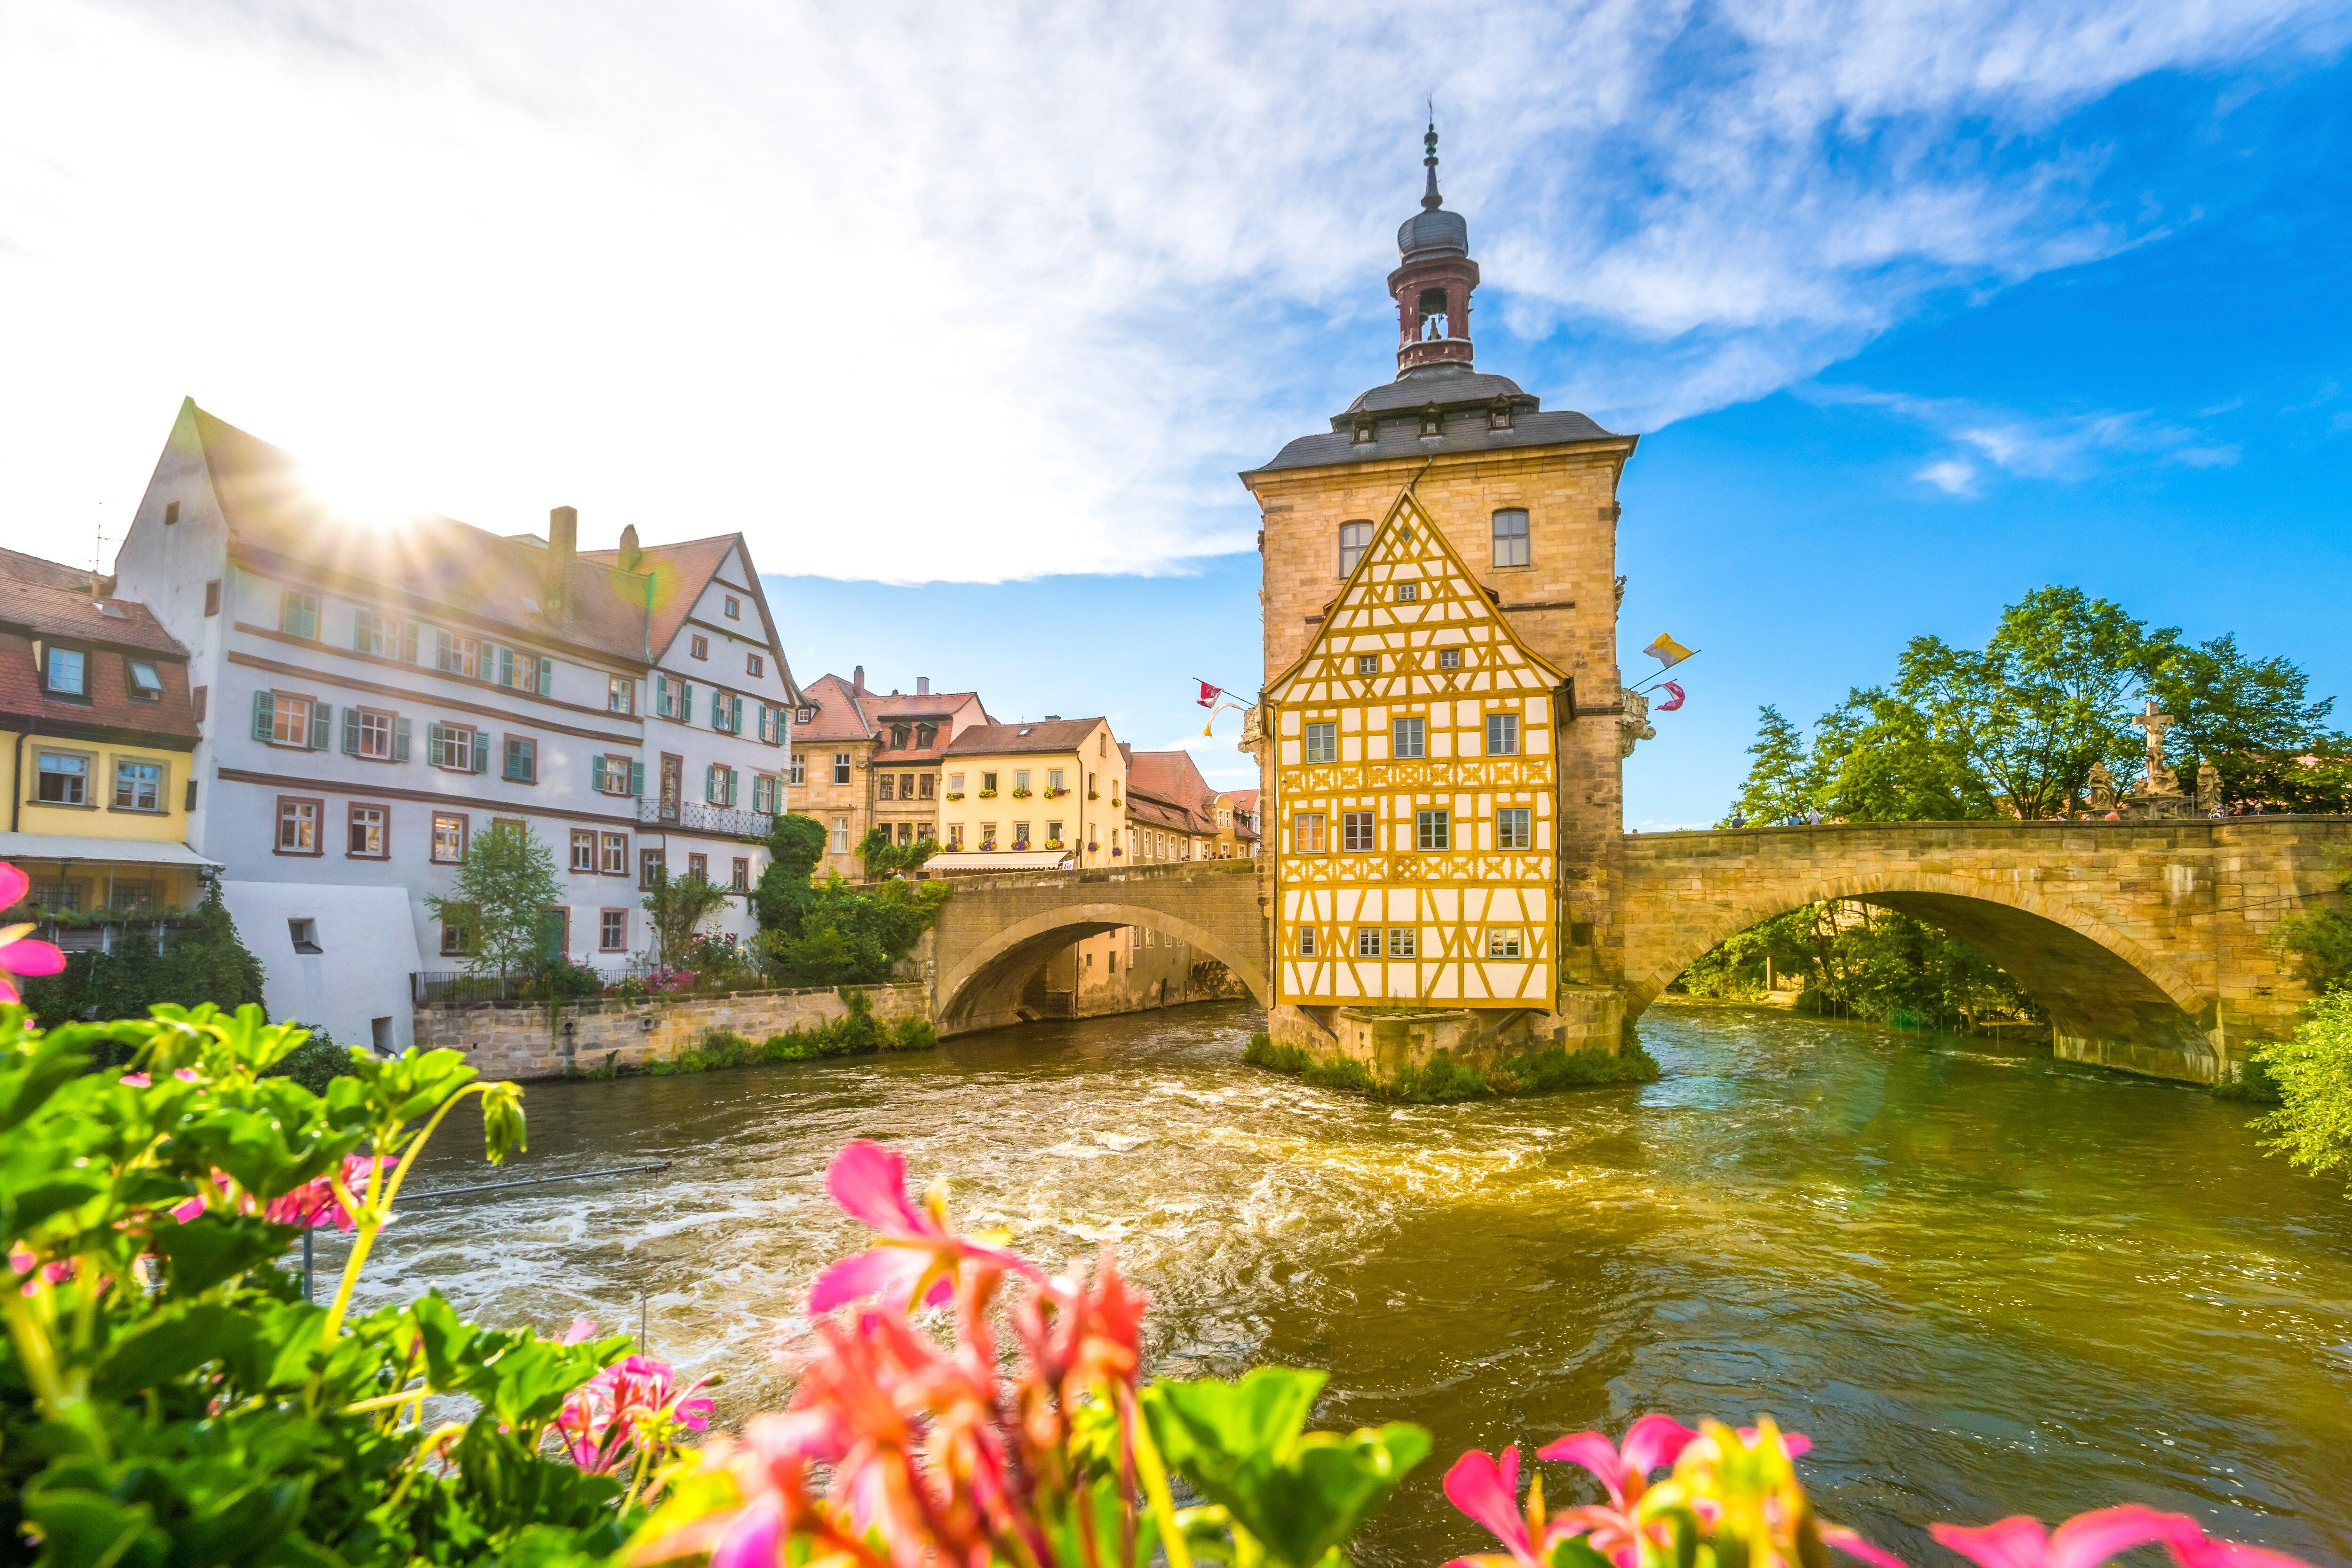 DAS ist die schönste Altstadt Deutschlands